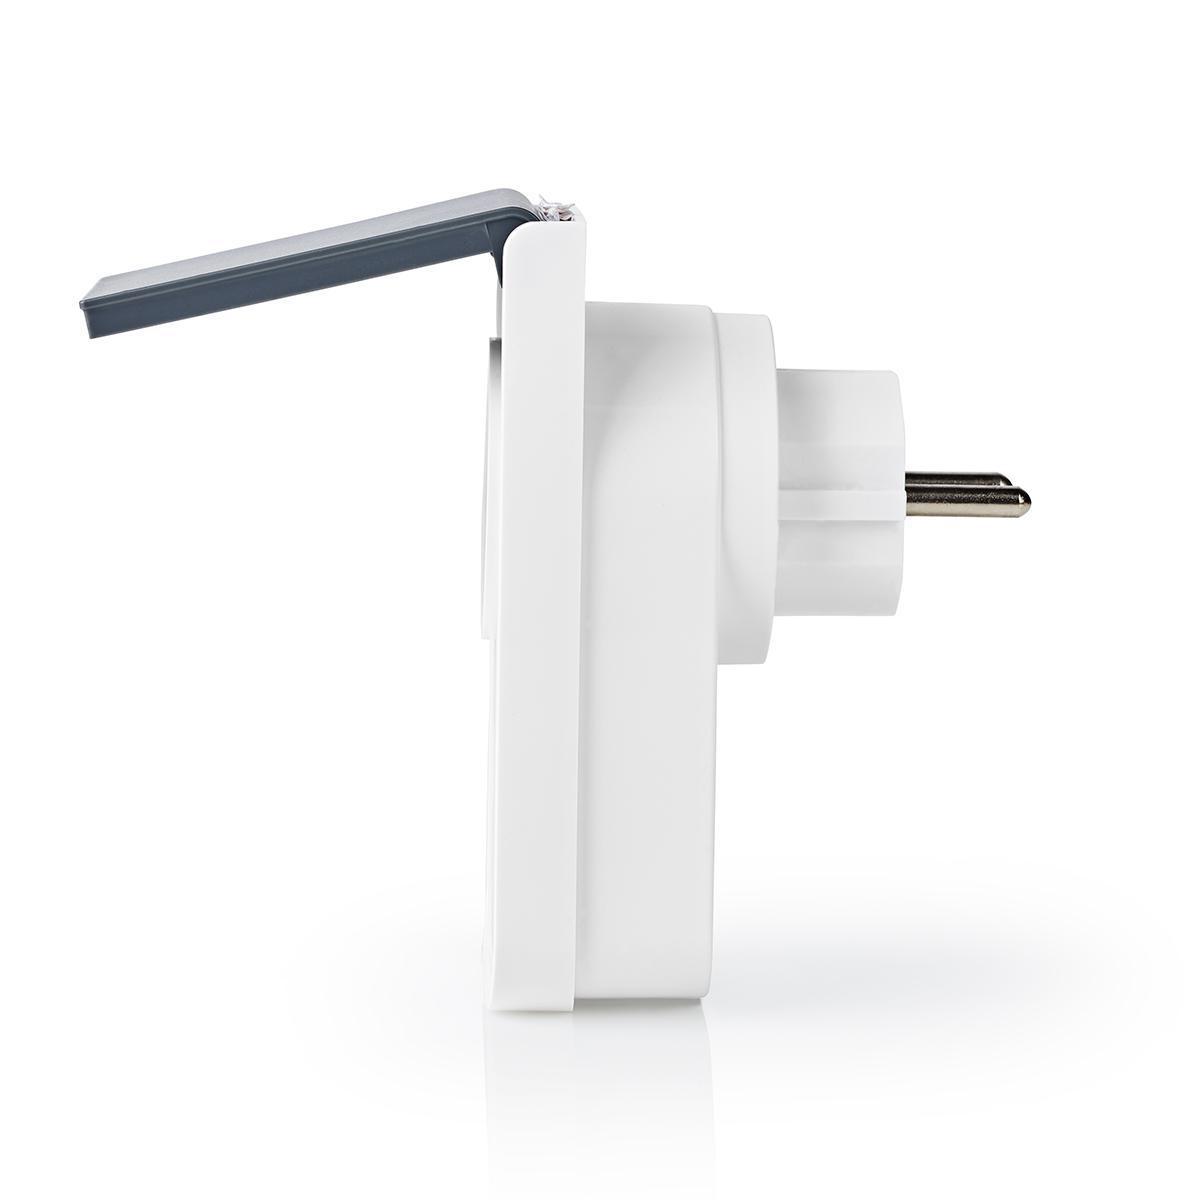 Slimme stekker voor buiten Wi-Fi IP44 spatwaterdicht - zijkant